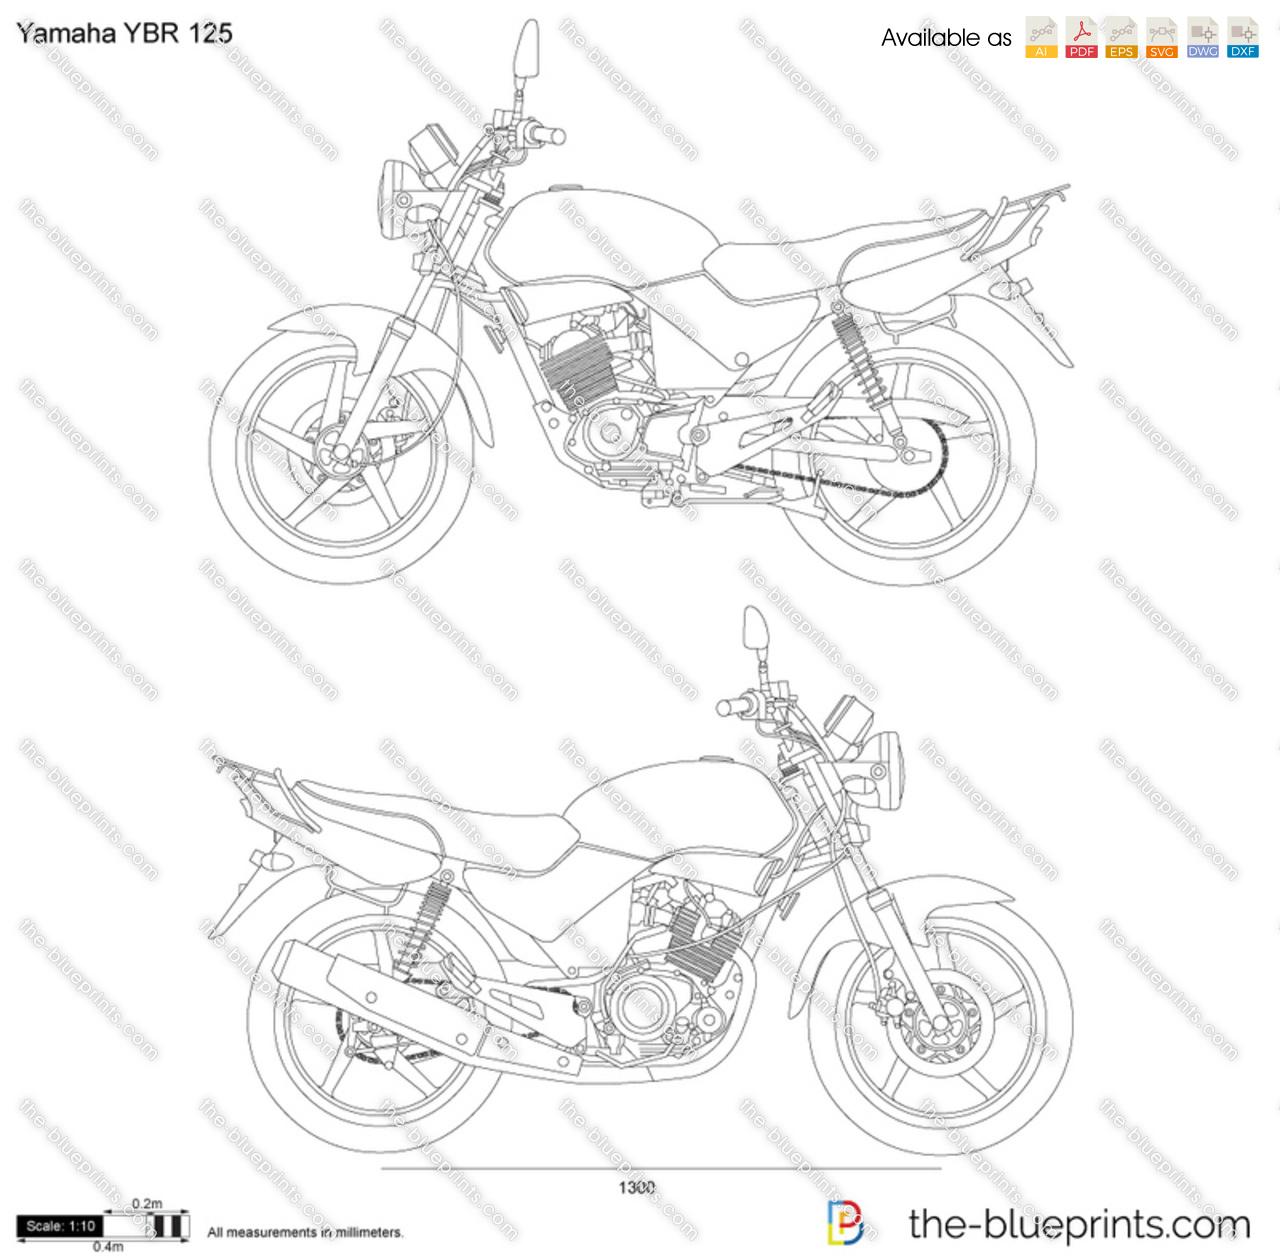 Yamaha Ybr 125 Vector Drawing